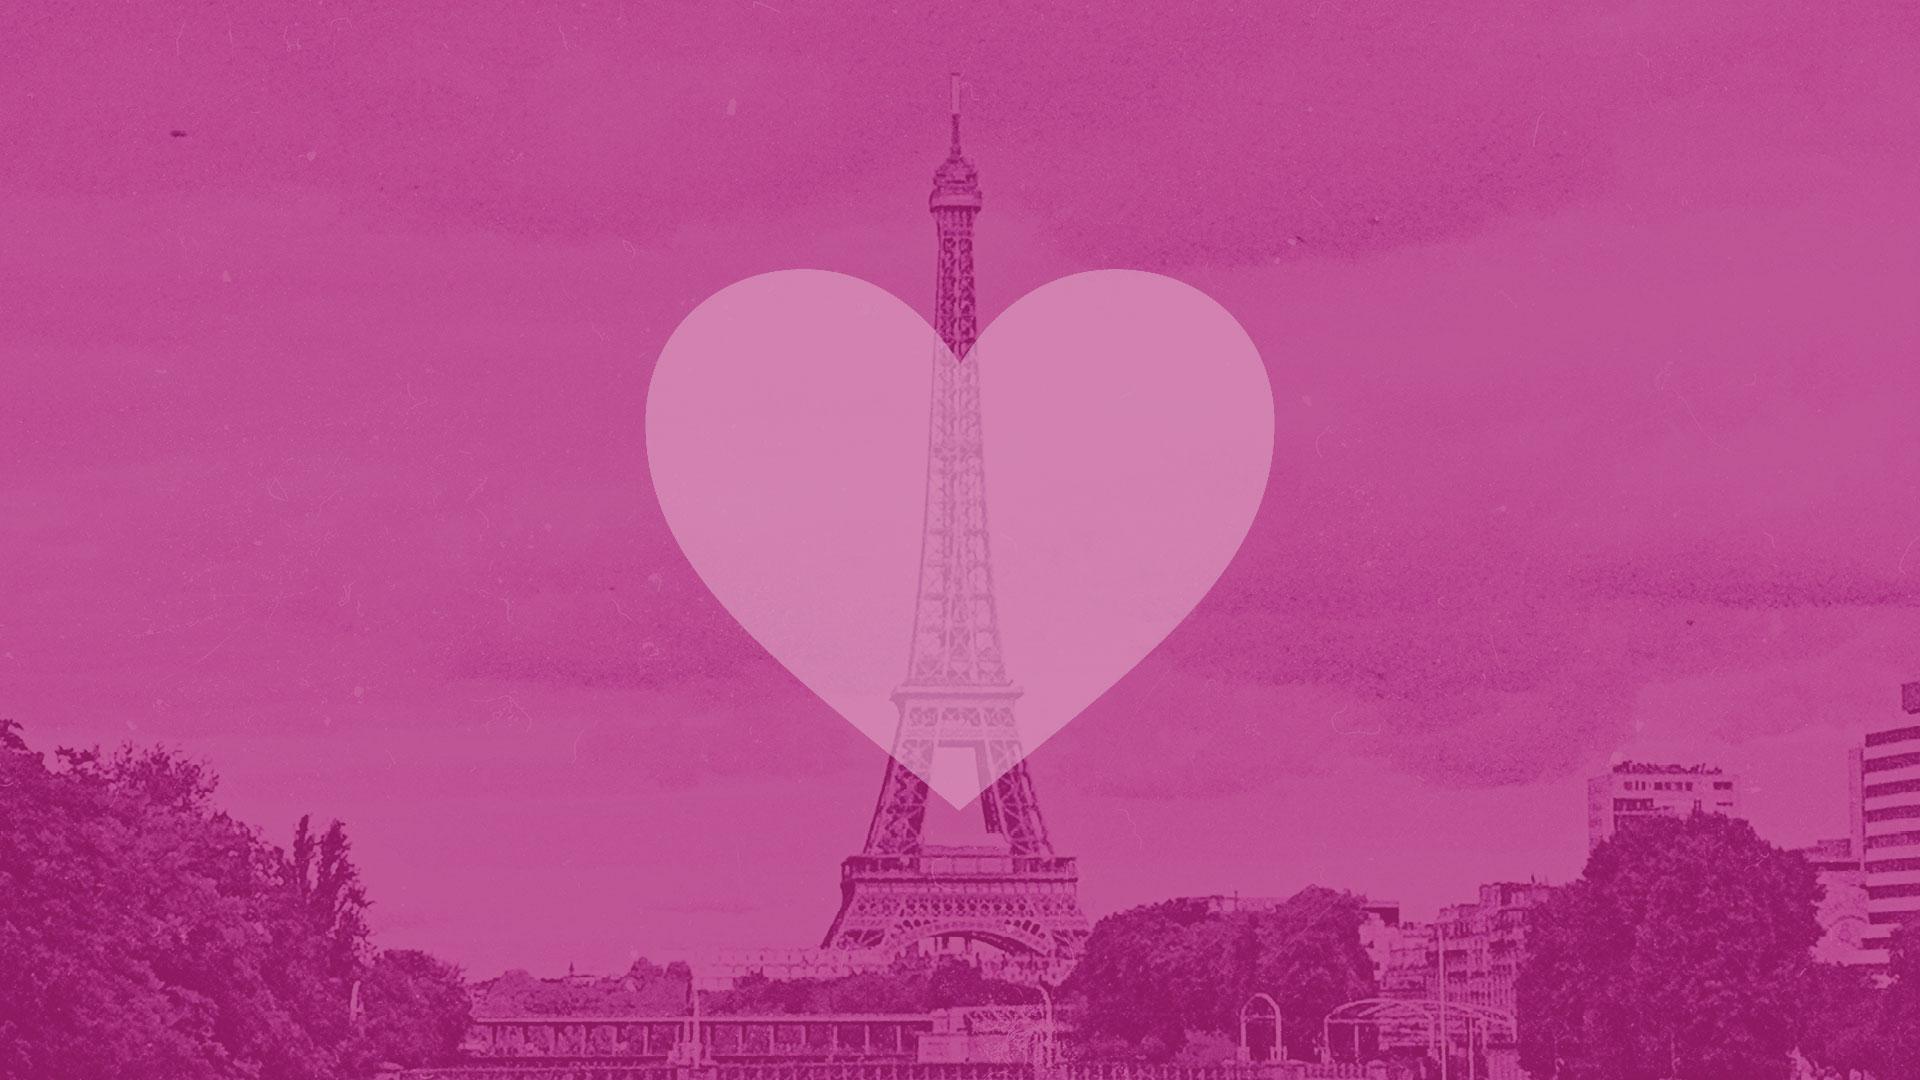 eiffeltårnet i lyserøde farvetoner dækket af et halvgennemsigtigt lyserødt hjerte